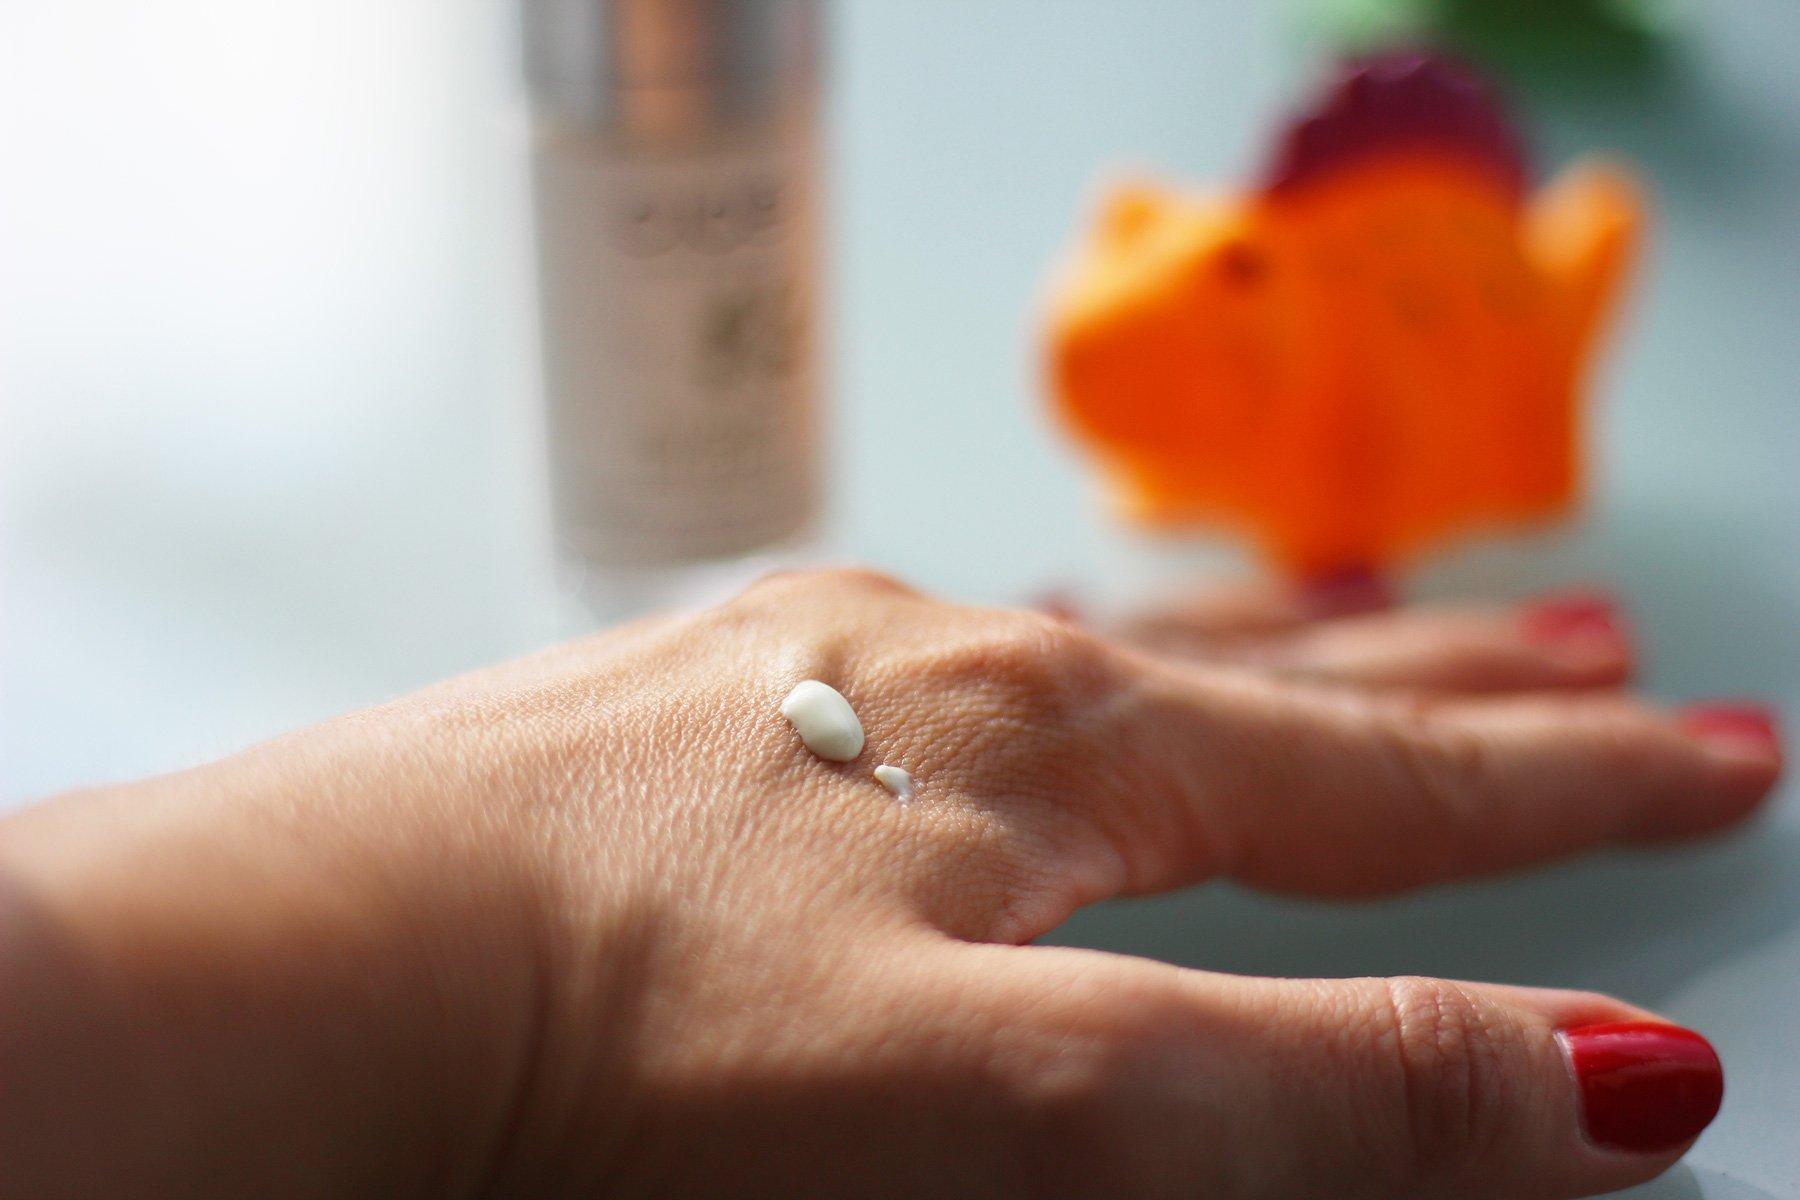 Cicé Augenpflege, Produkt auf der Hand